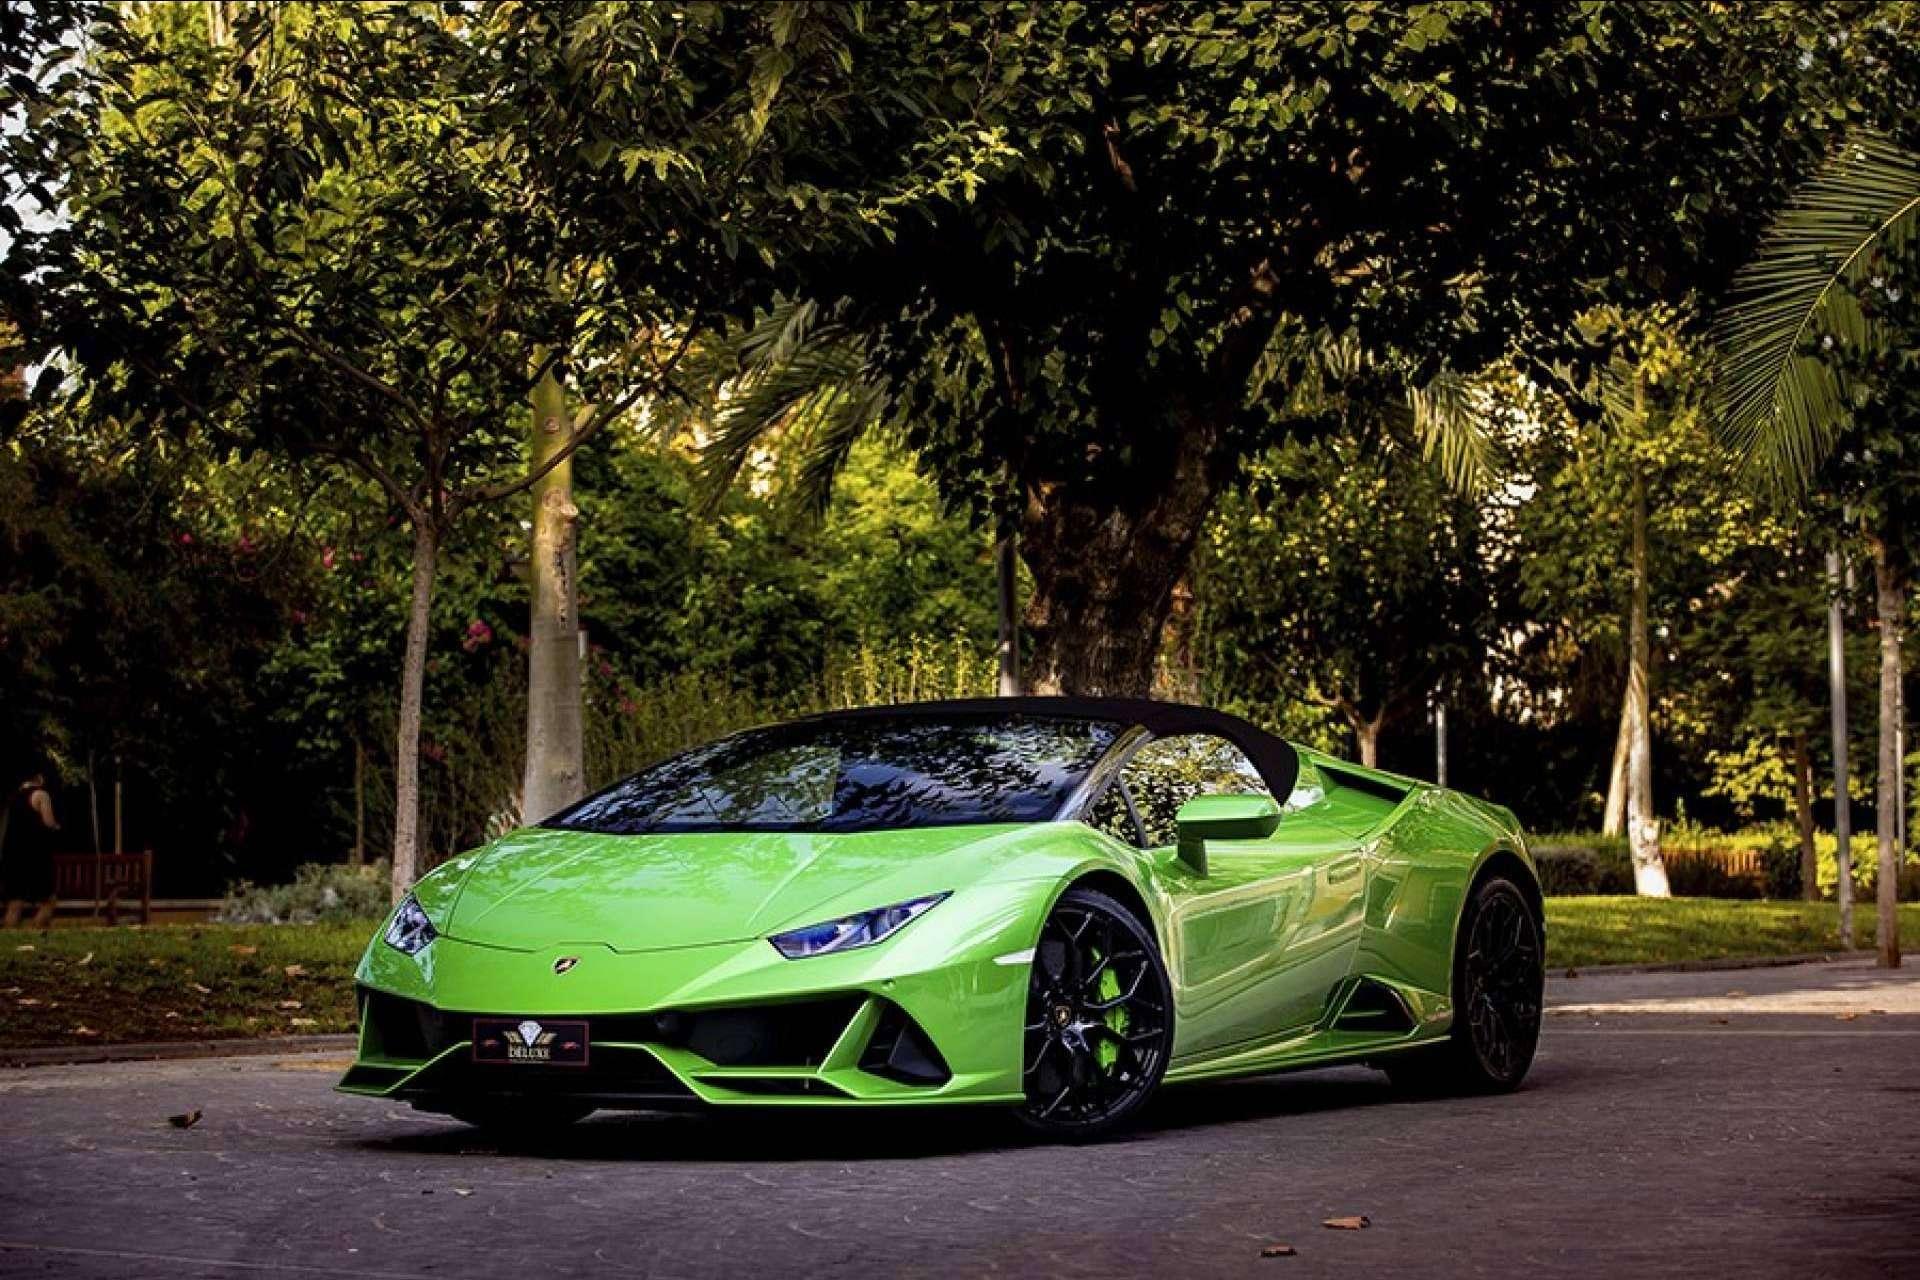 Radikal Experience permite conducir los mejores coches en sus propuestas de experiencias de conducción con coches de lujo